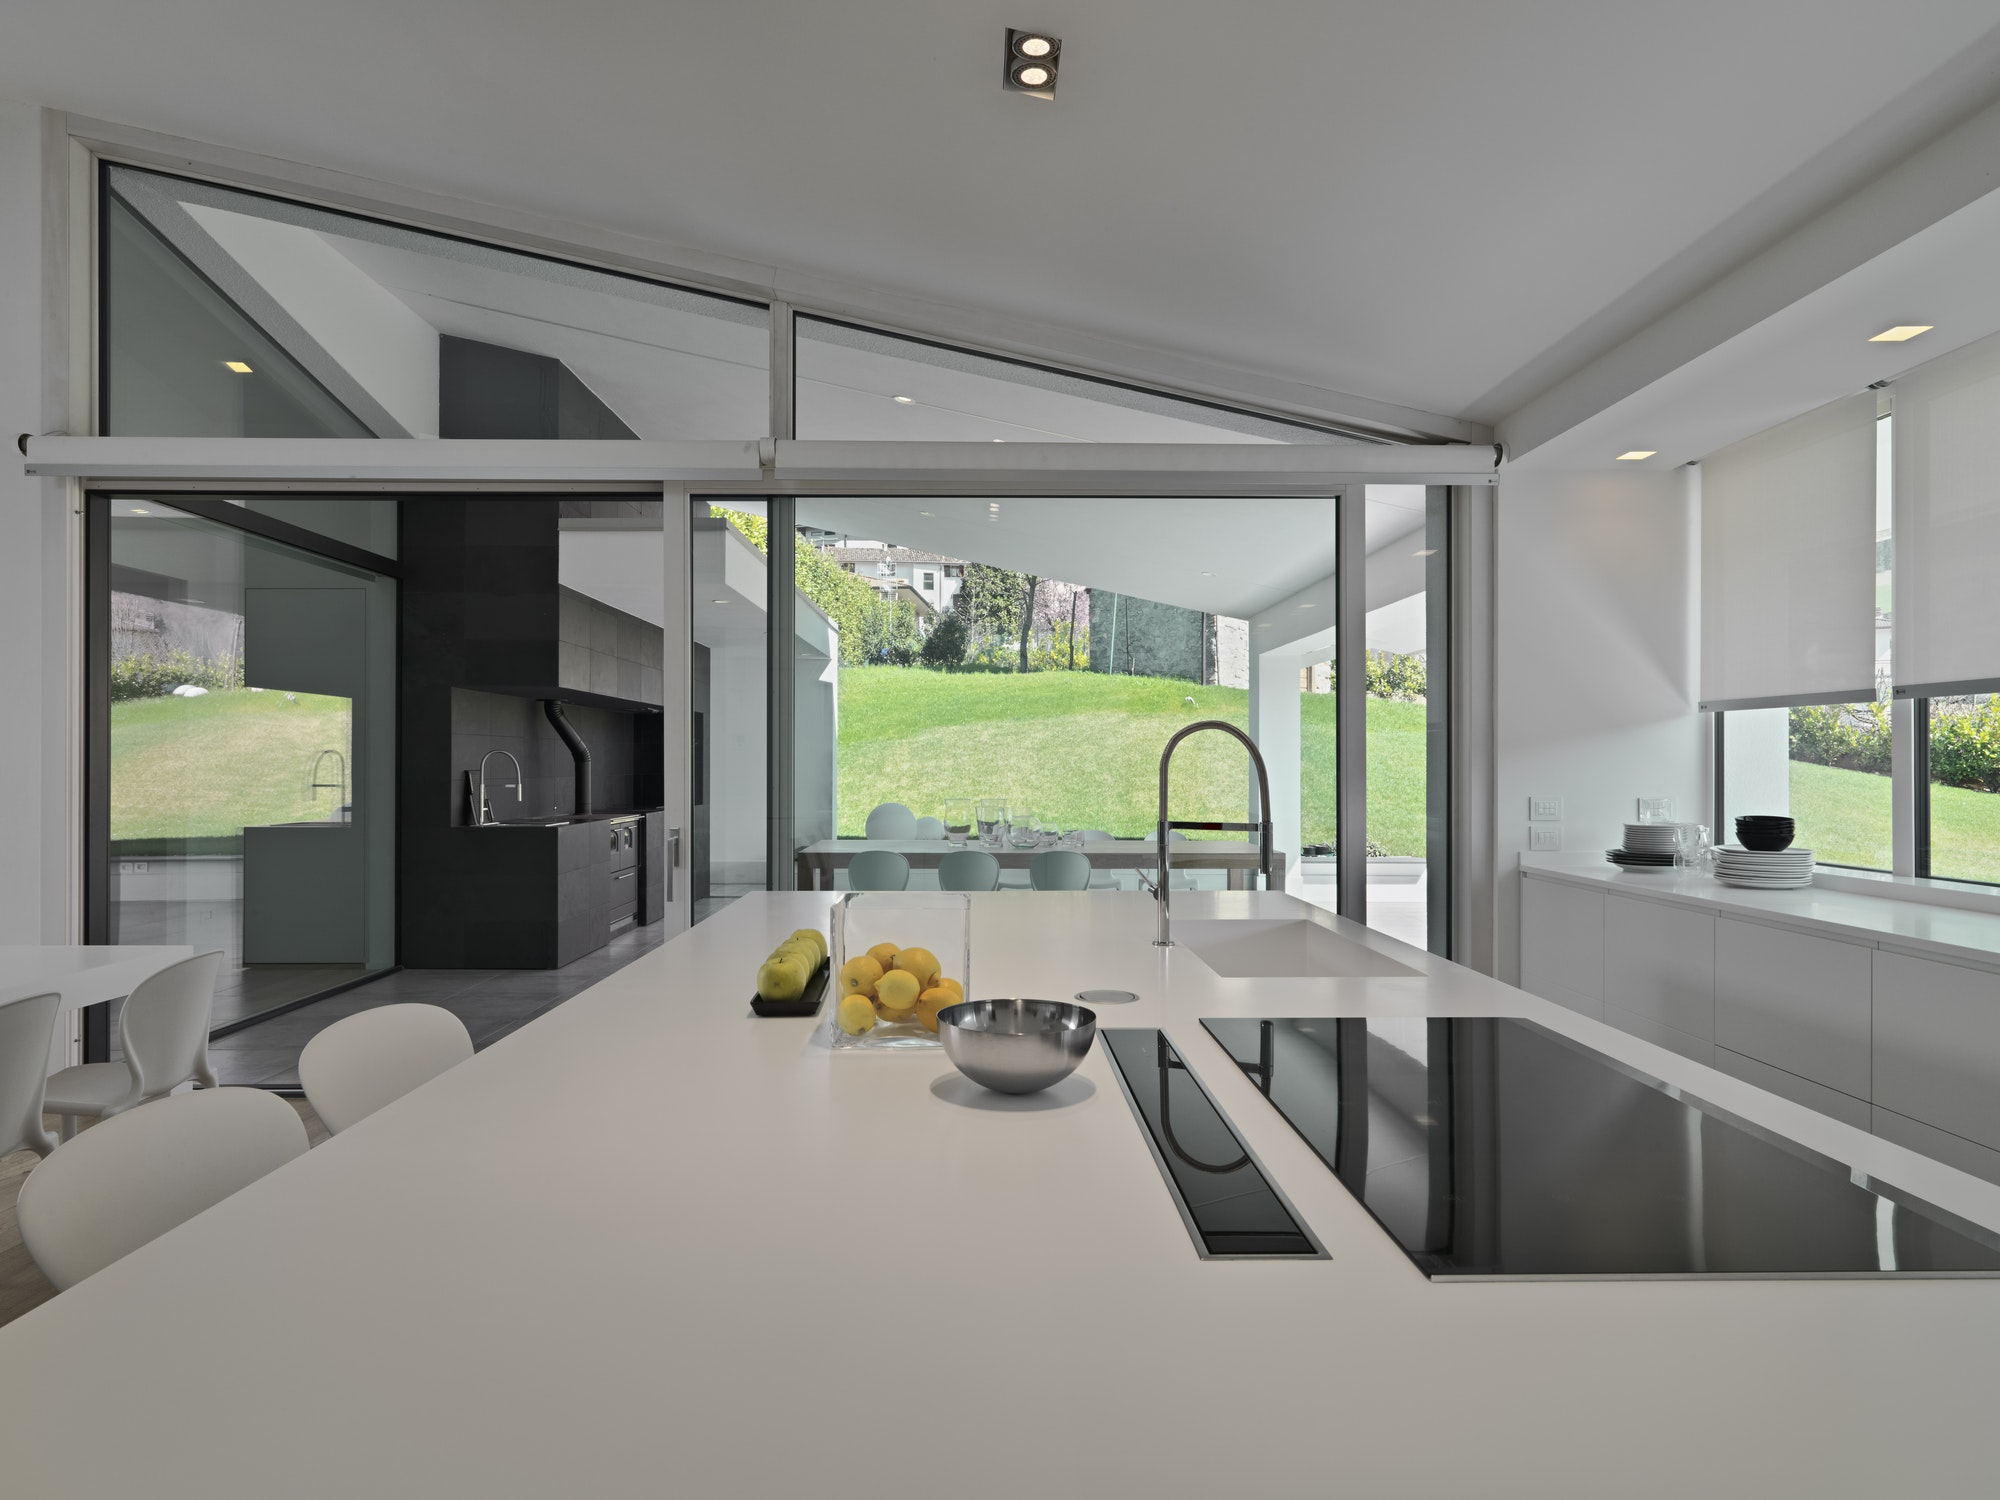 Modern Kitchen Interior 2217007